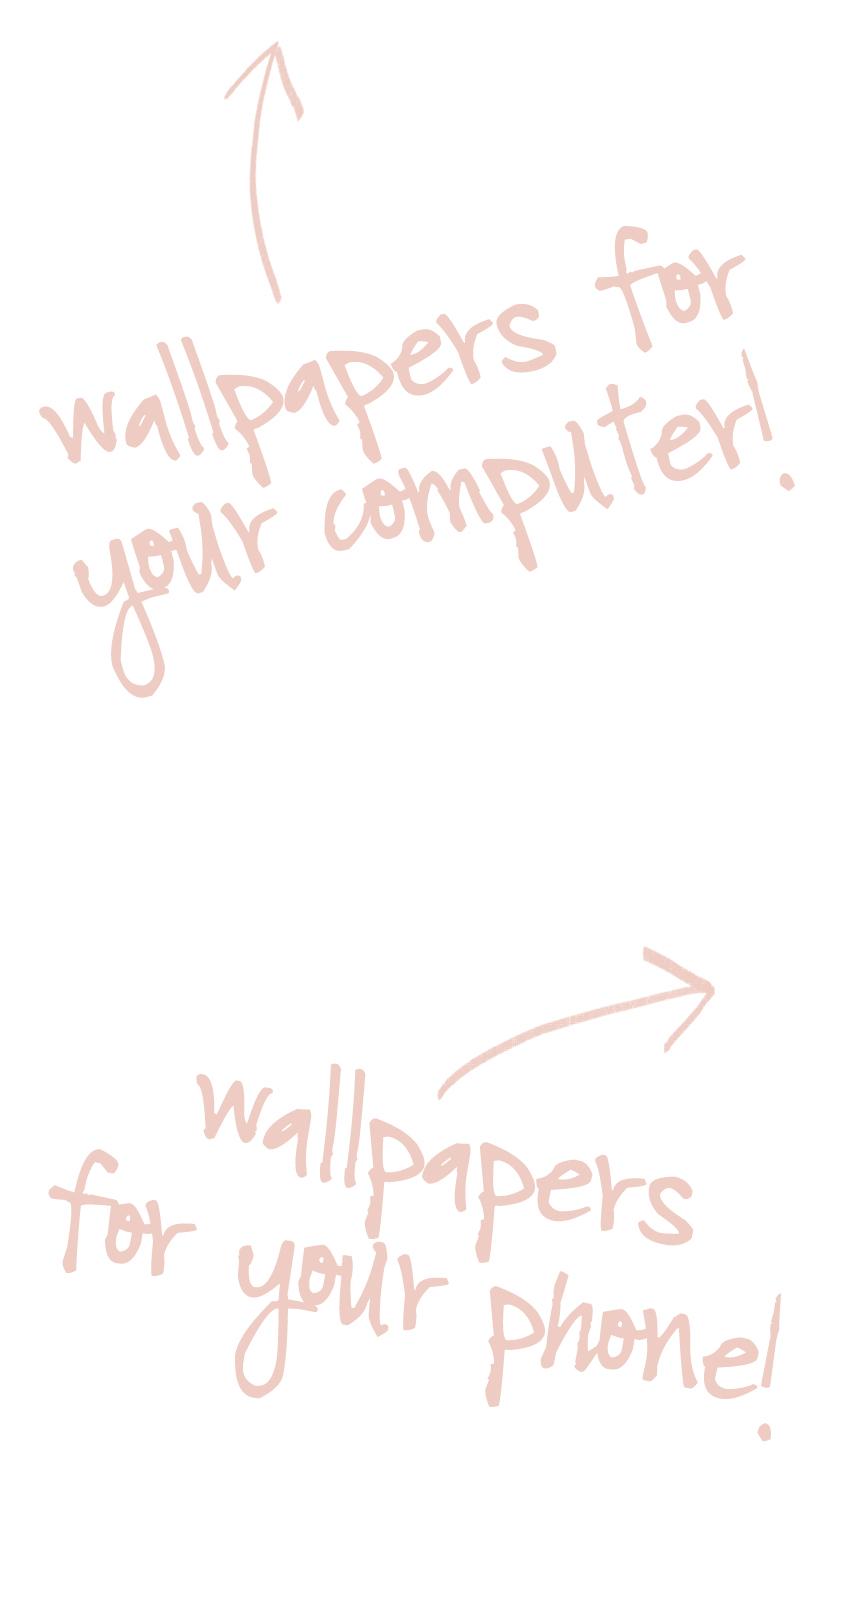 handwriting image.jpg